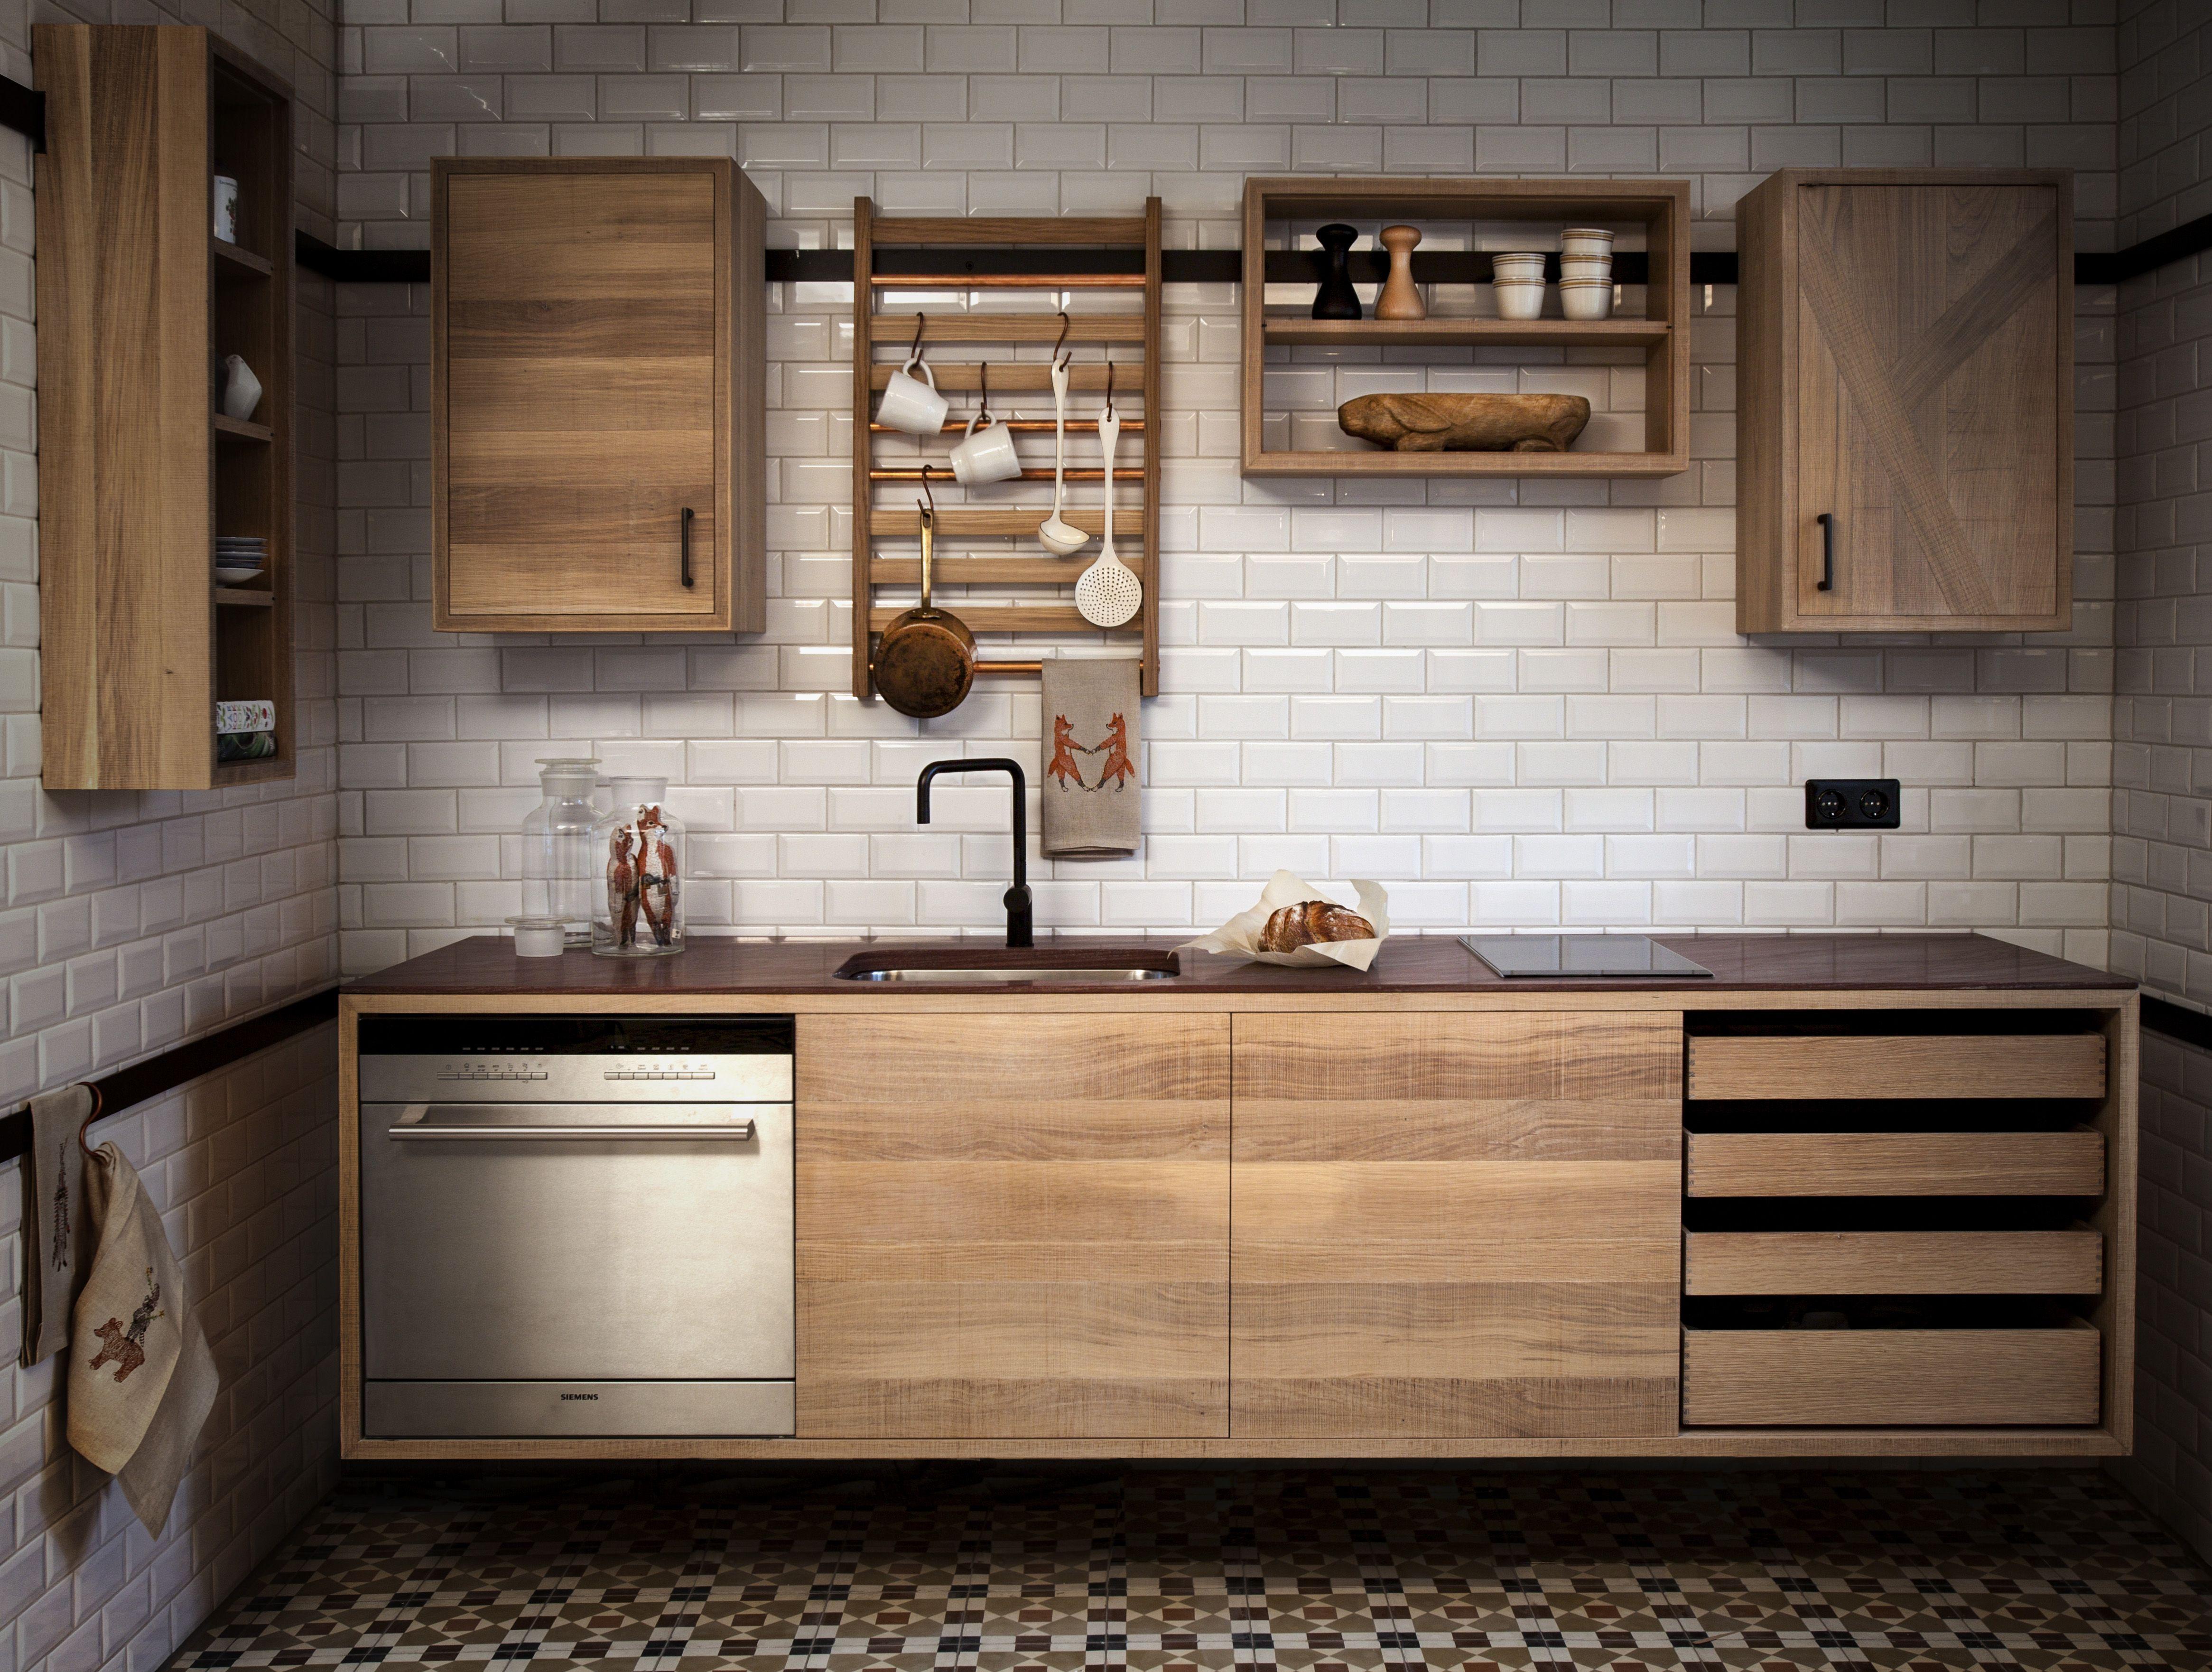 Railway Kitchen Scandinavian Kitchen Design Kitchen Interior Kitchen Layout